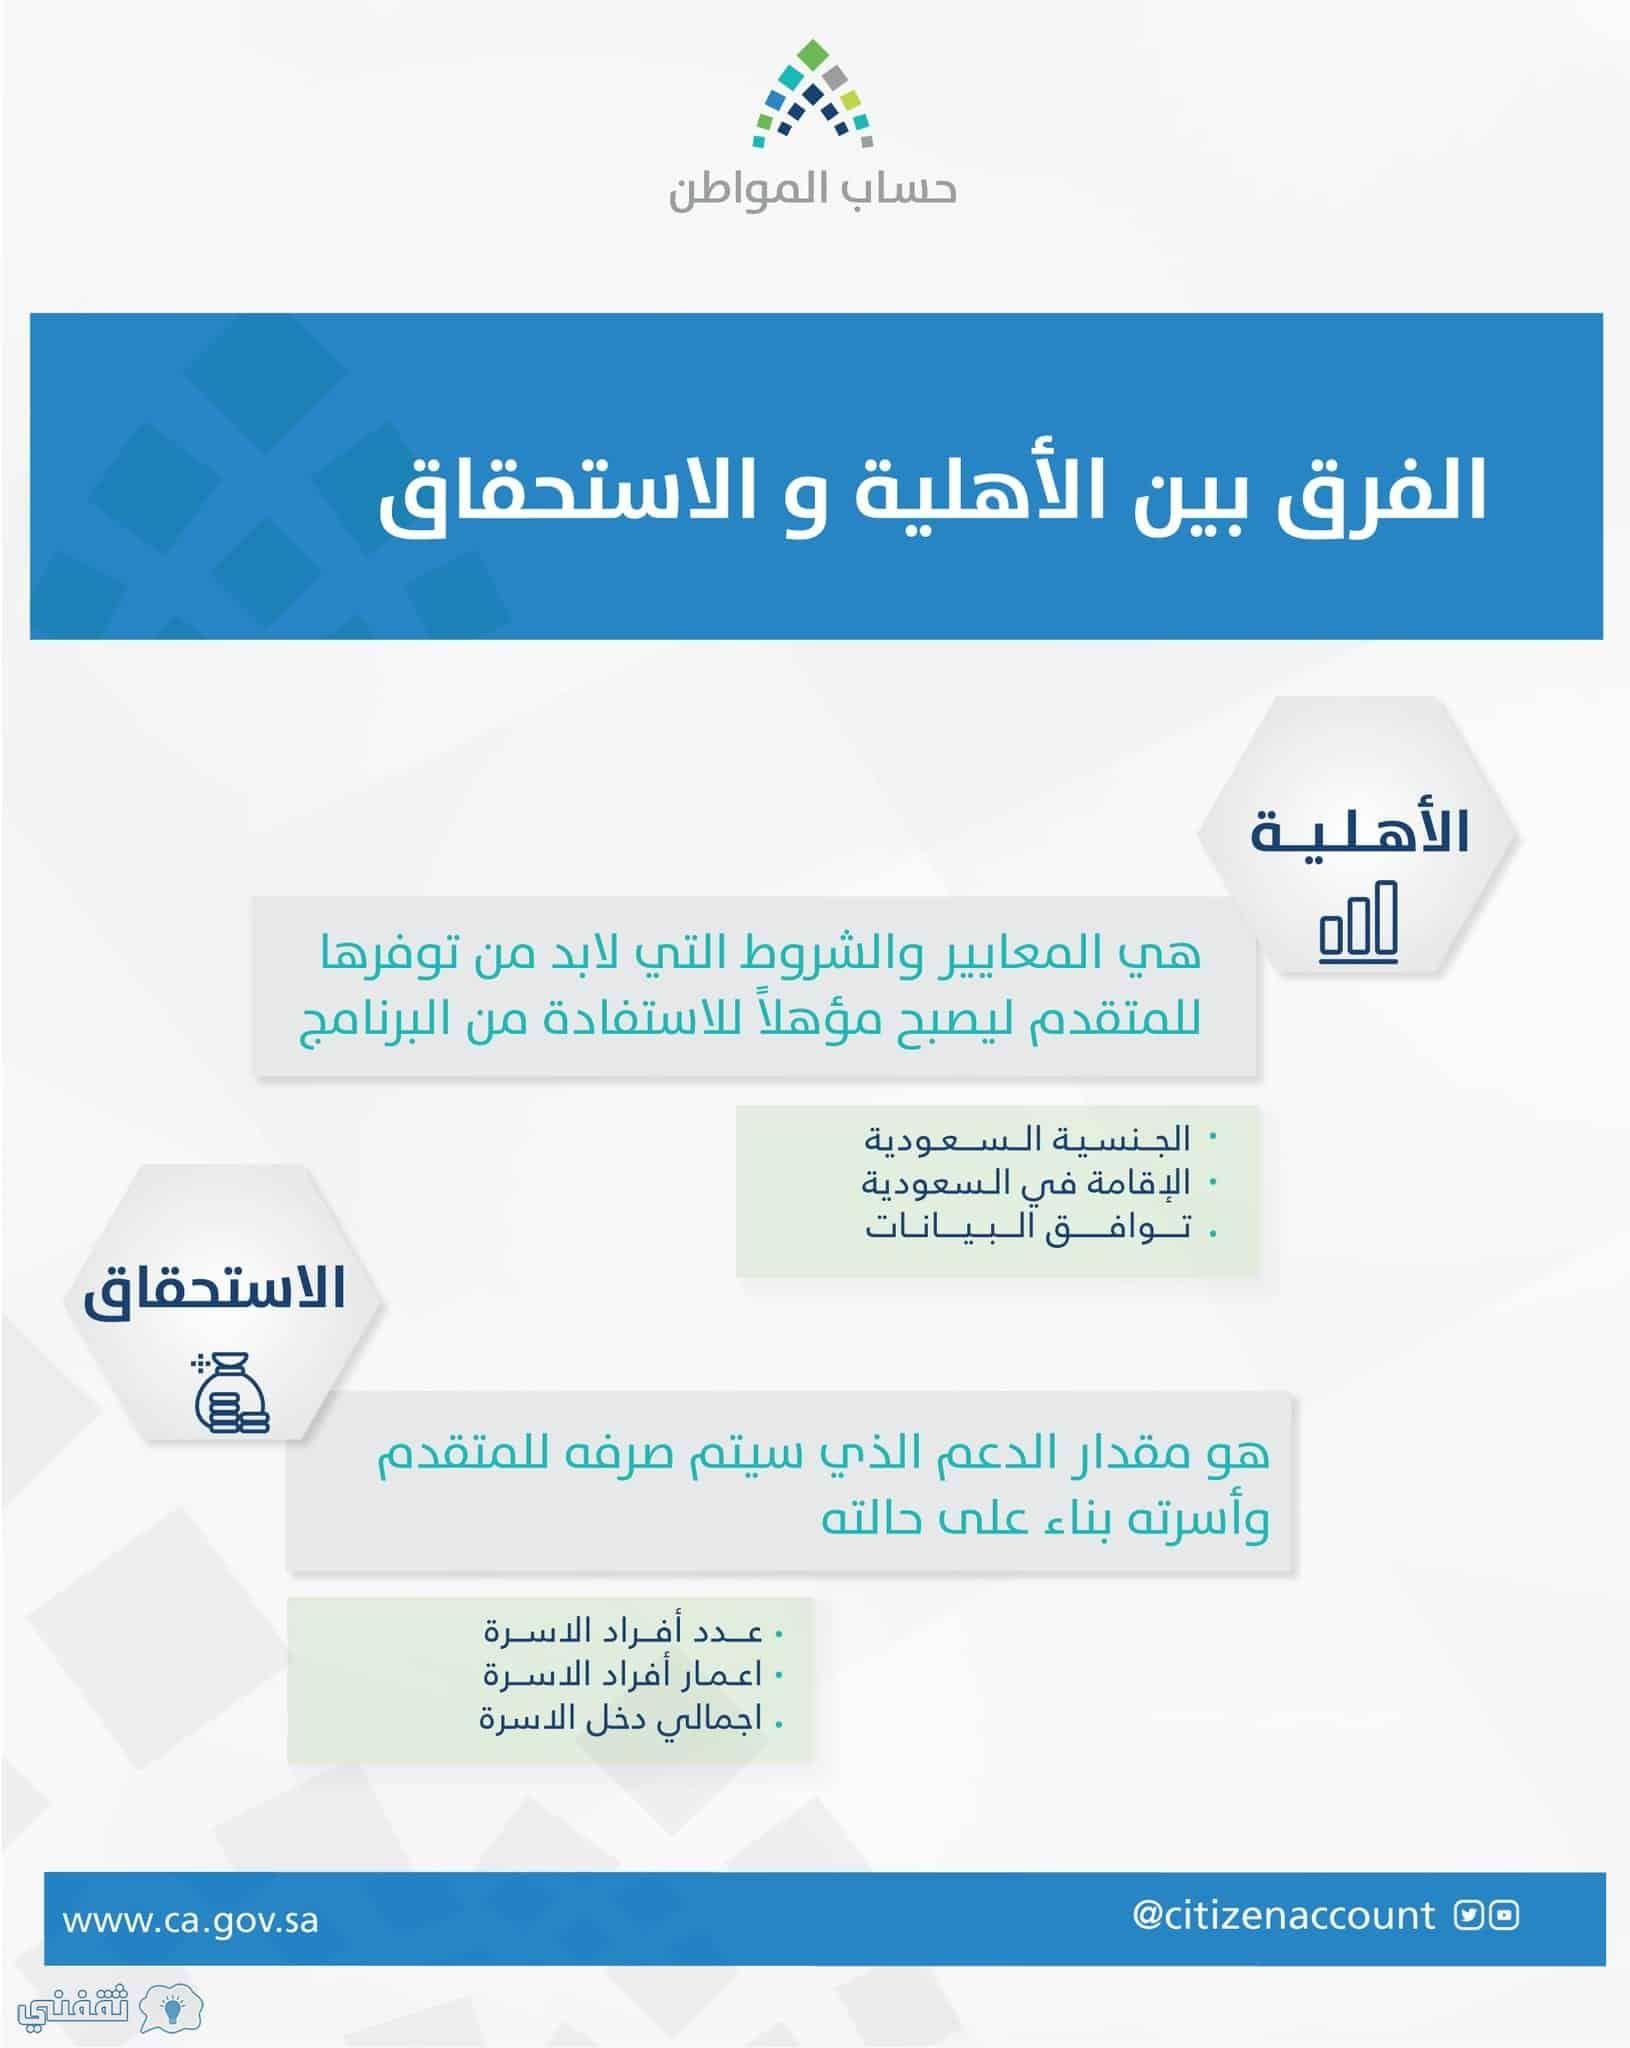 التسجيل في حساب المواطن حالة الدفعات و طريقة تقديم الاعتراض على مبلغ الاستحقاق